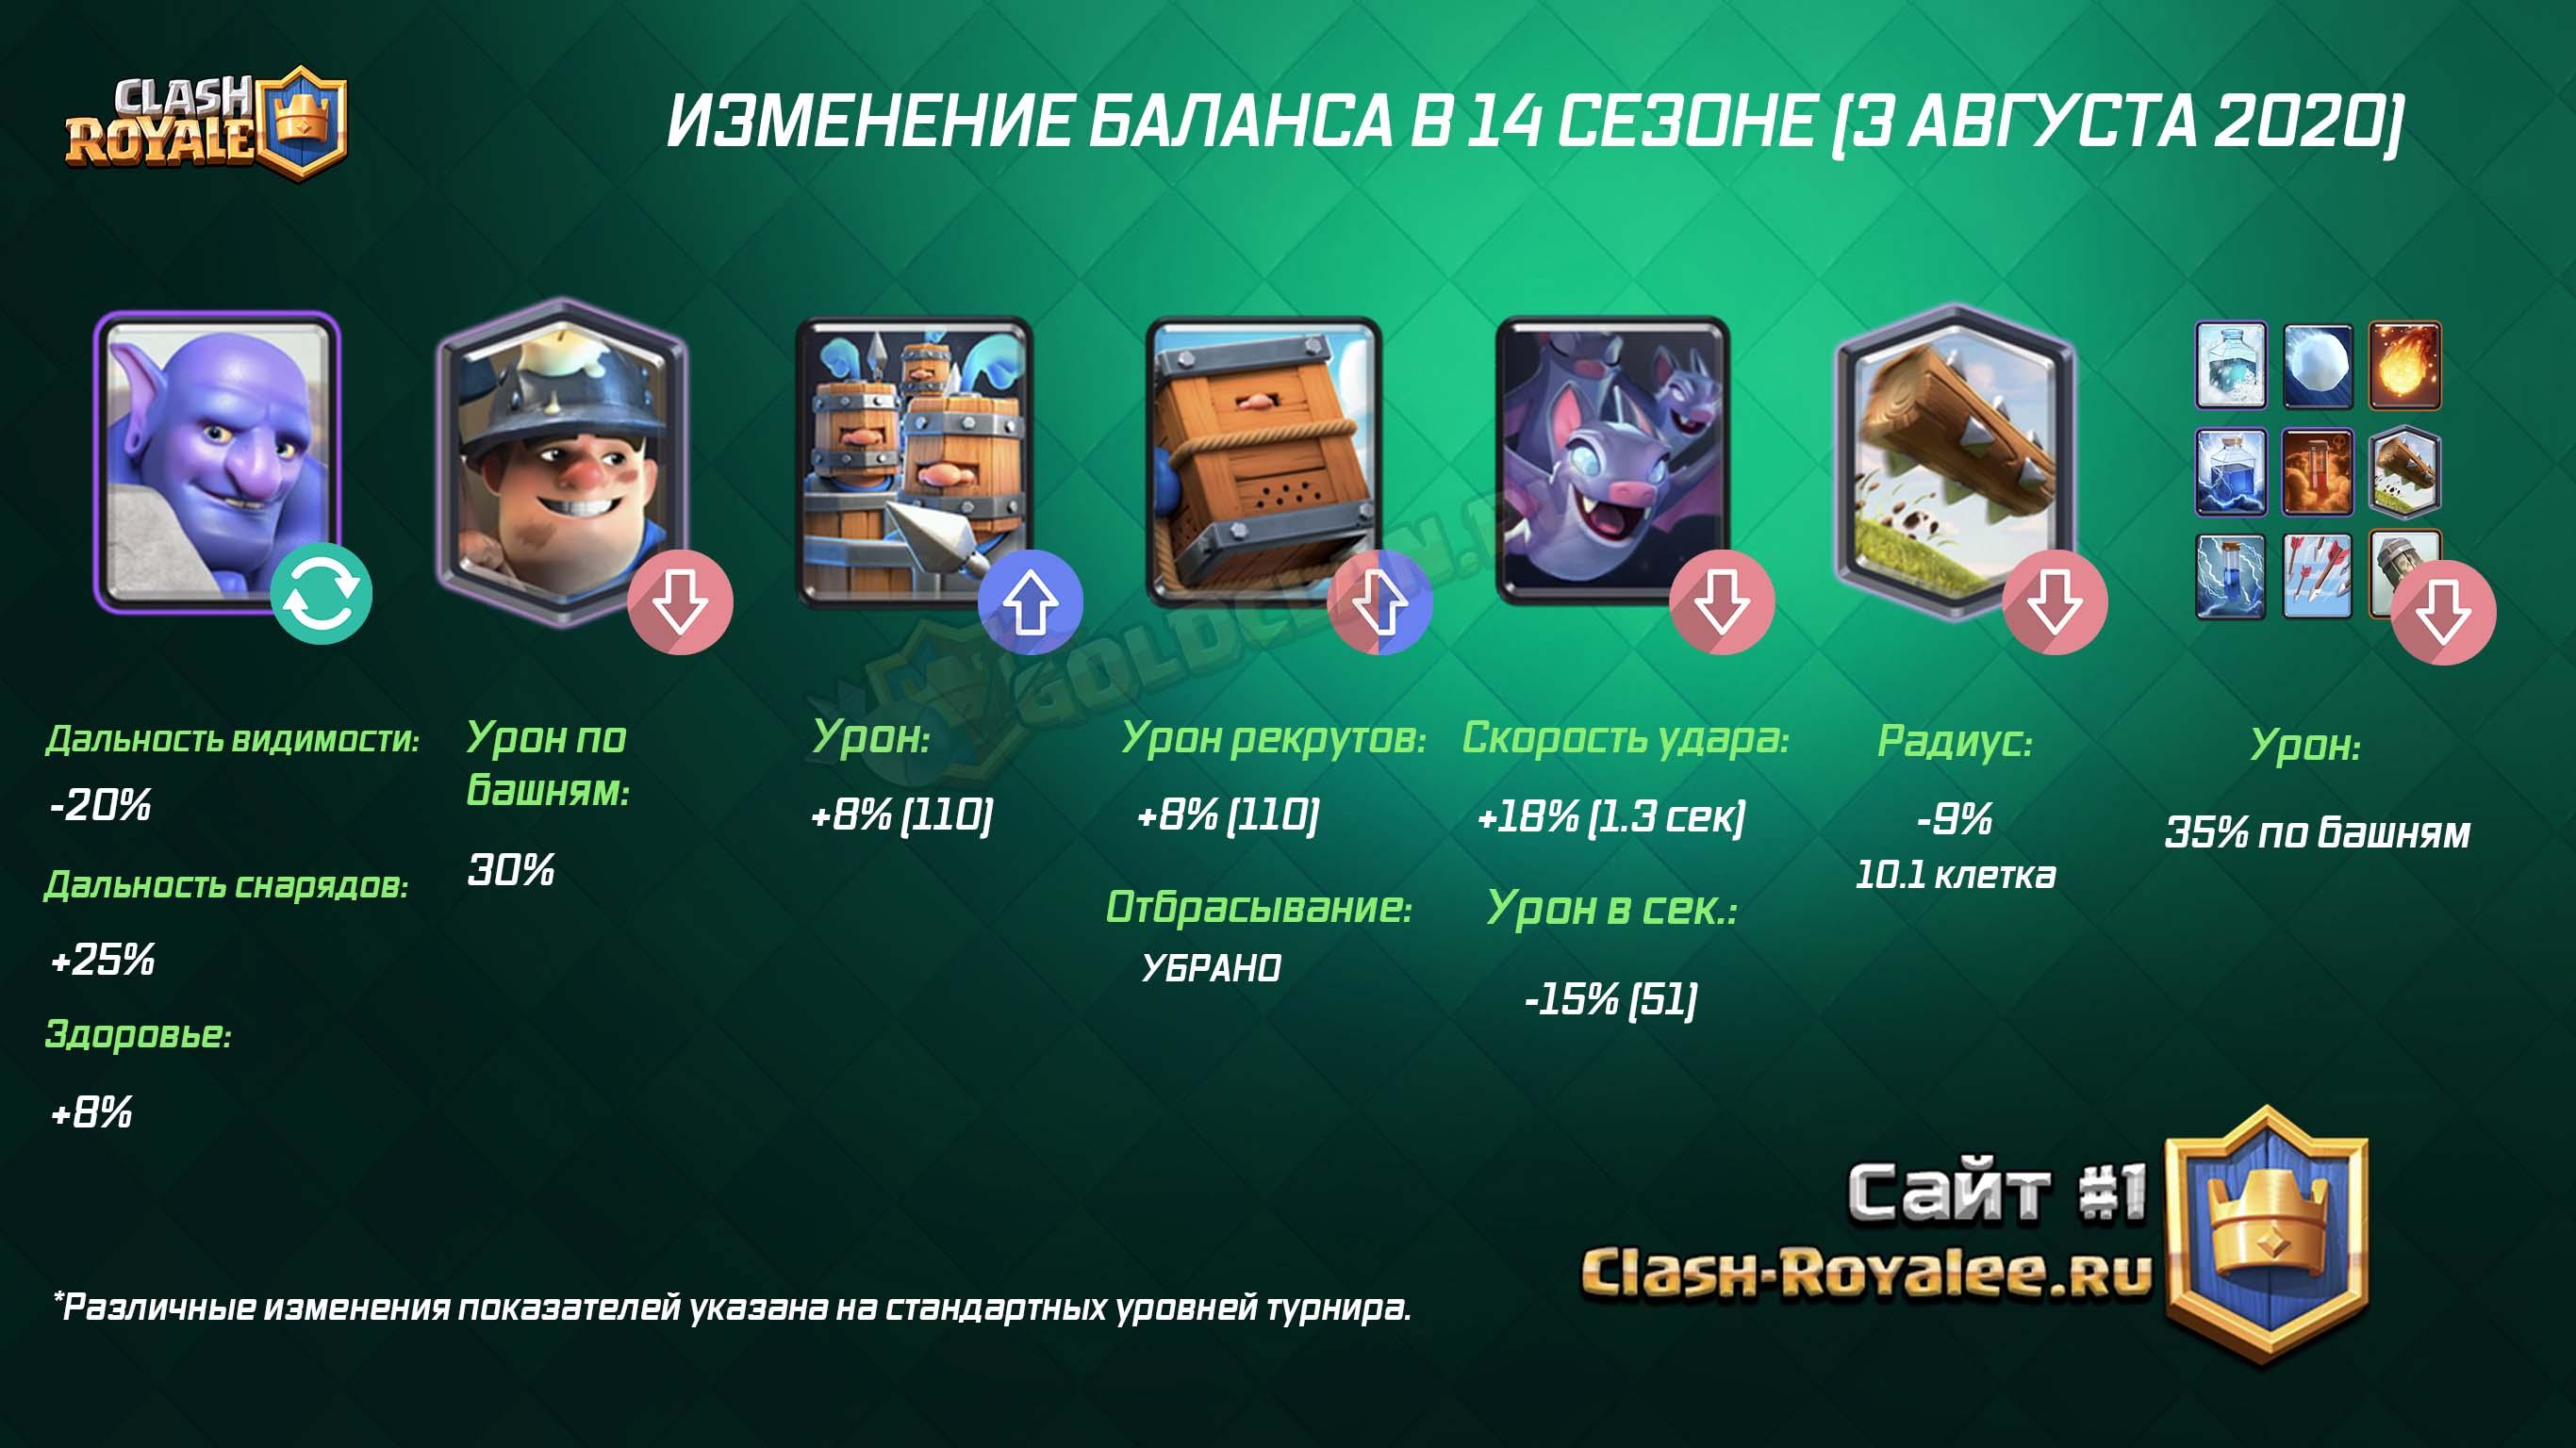 Изменения баланса в Clash Royale - 14 сезон